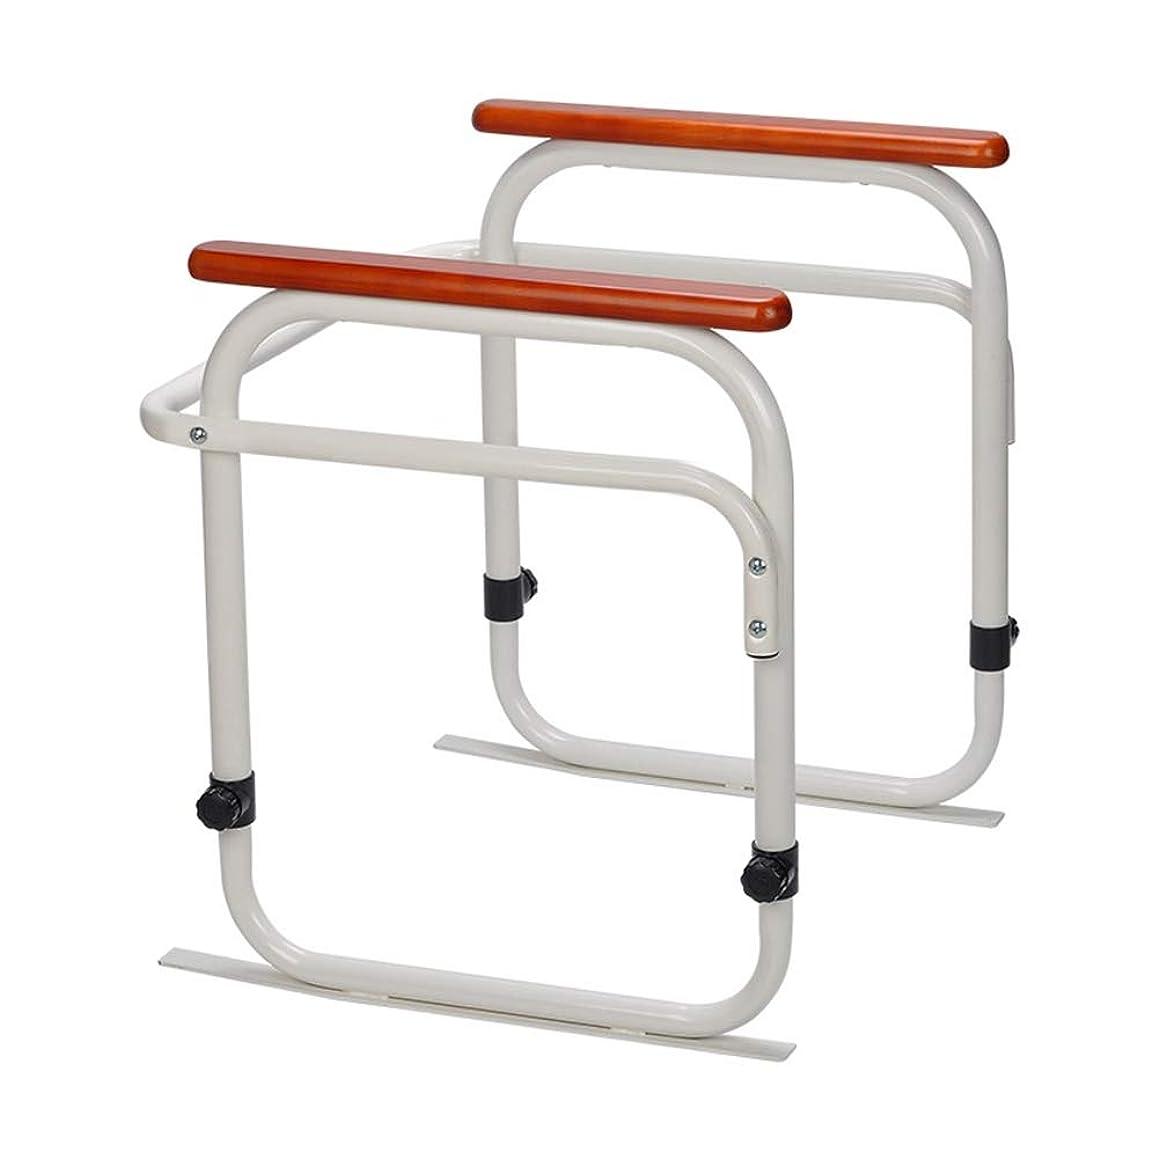 推定勘違いする後継Eldery、障害者、および障害者支援のためのヘビーDurtyトイレ安全フレーム、転送の24.6x28